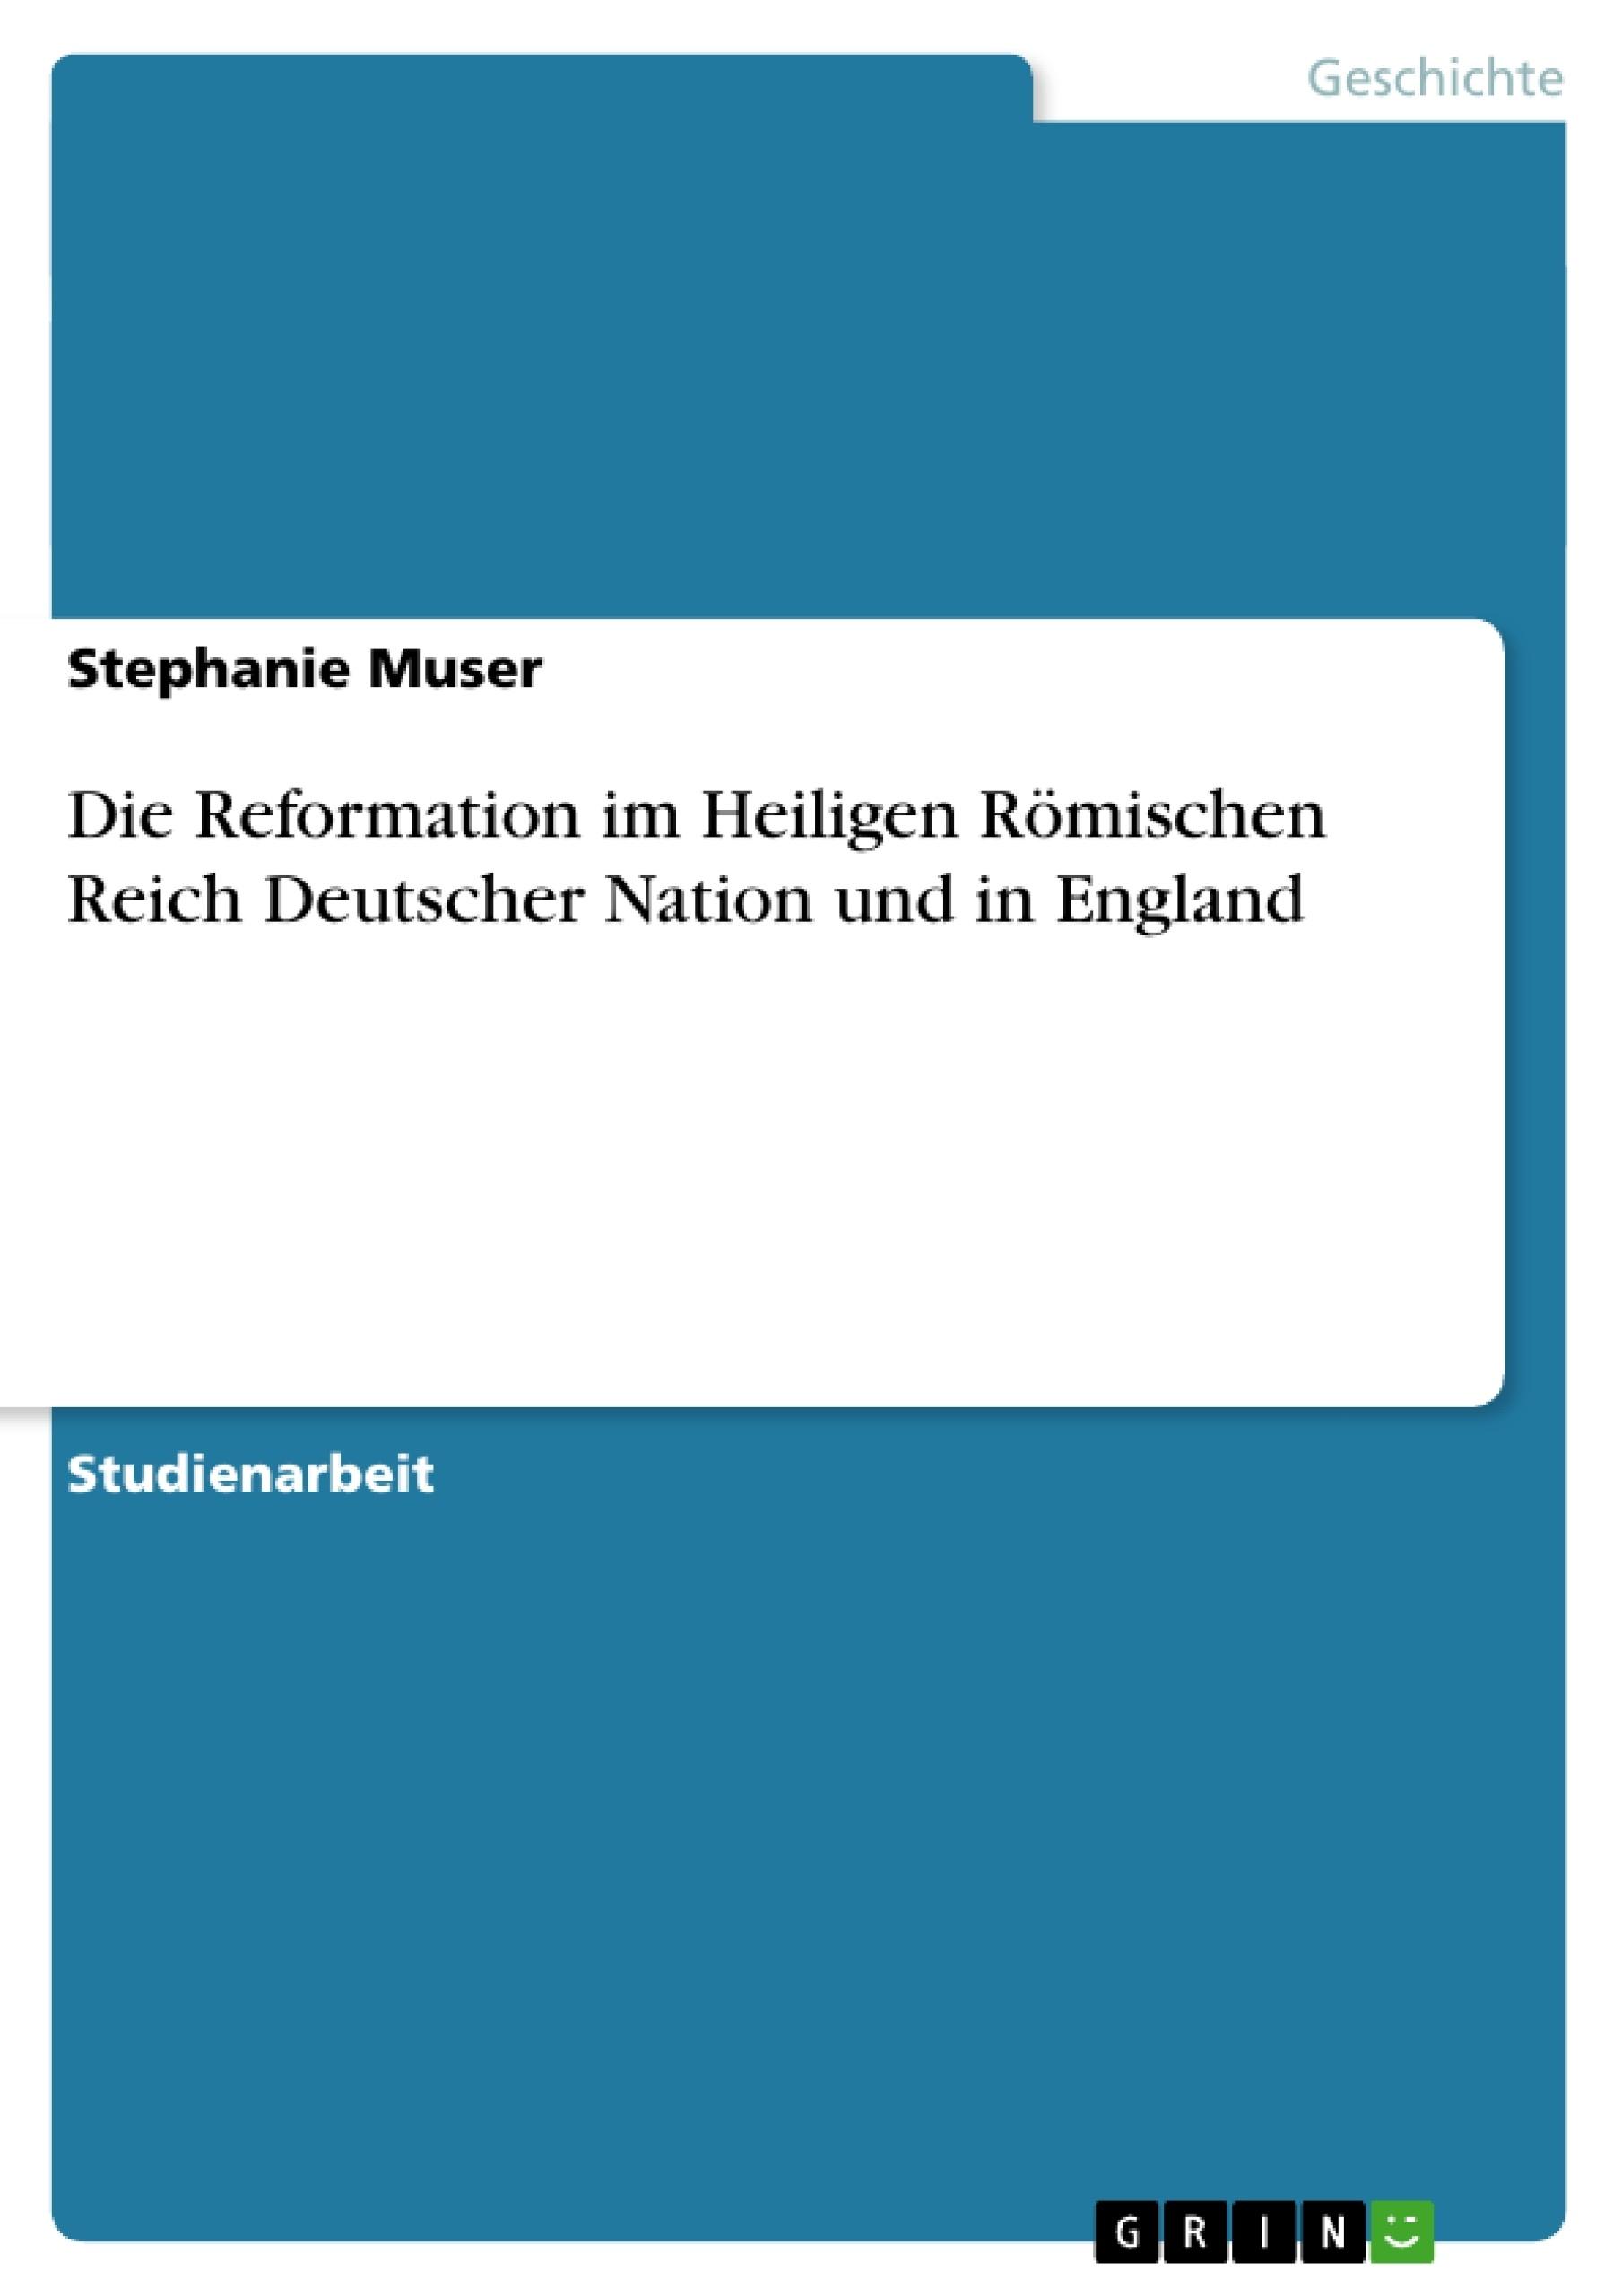 Titel: Die Reformation im Heiligen Römischen Reich Deutscher Nation und in England